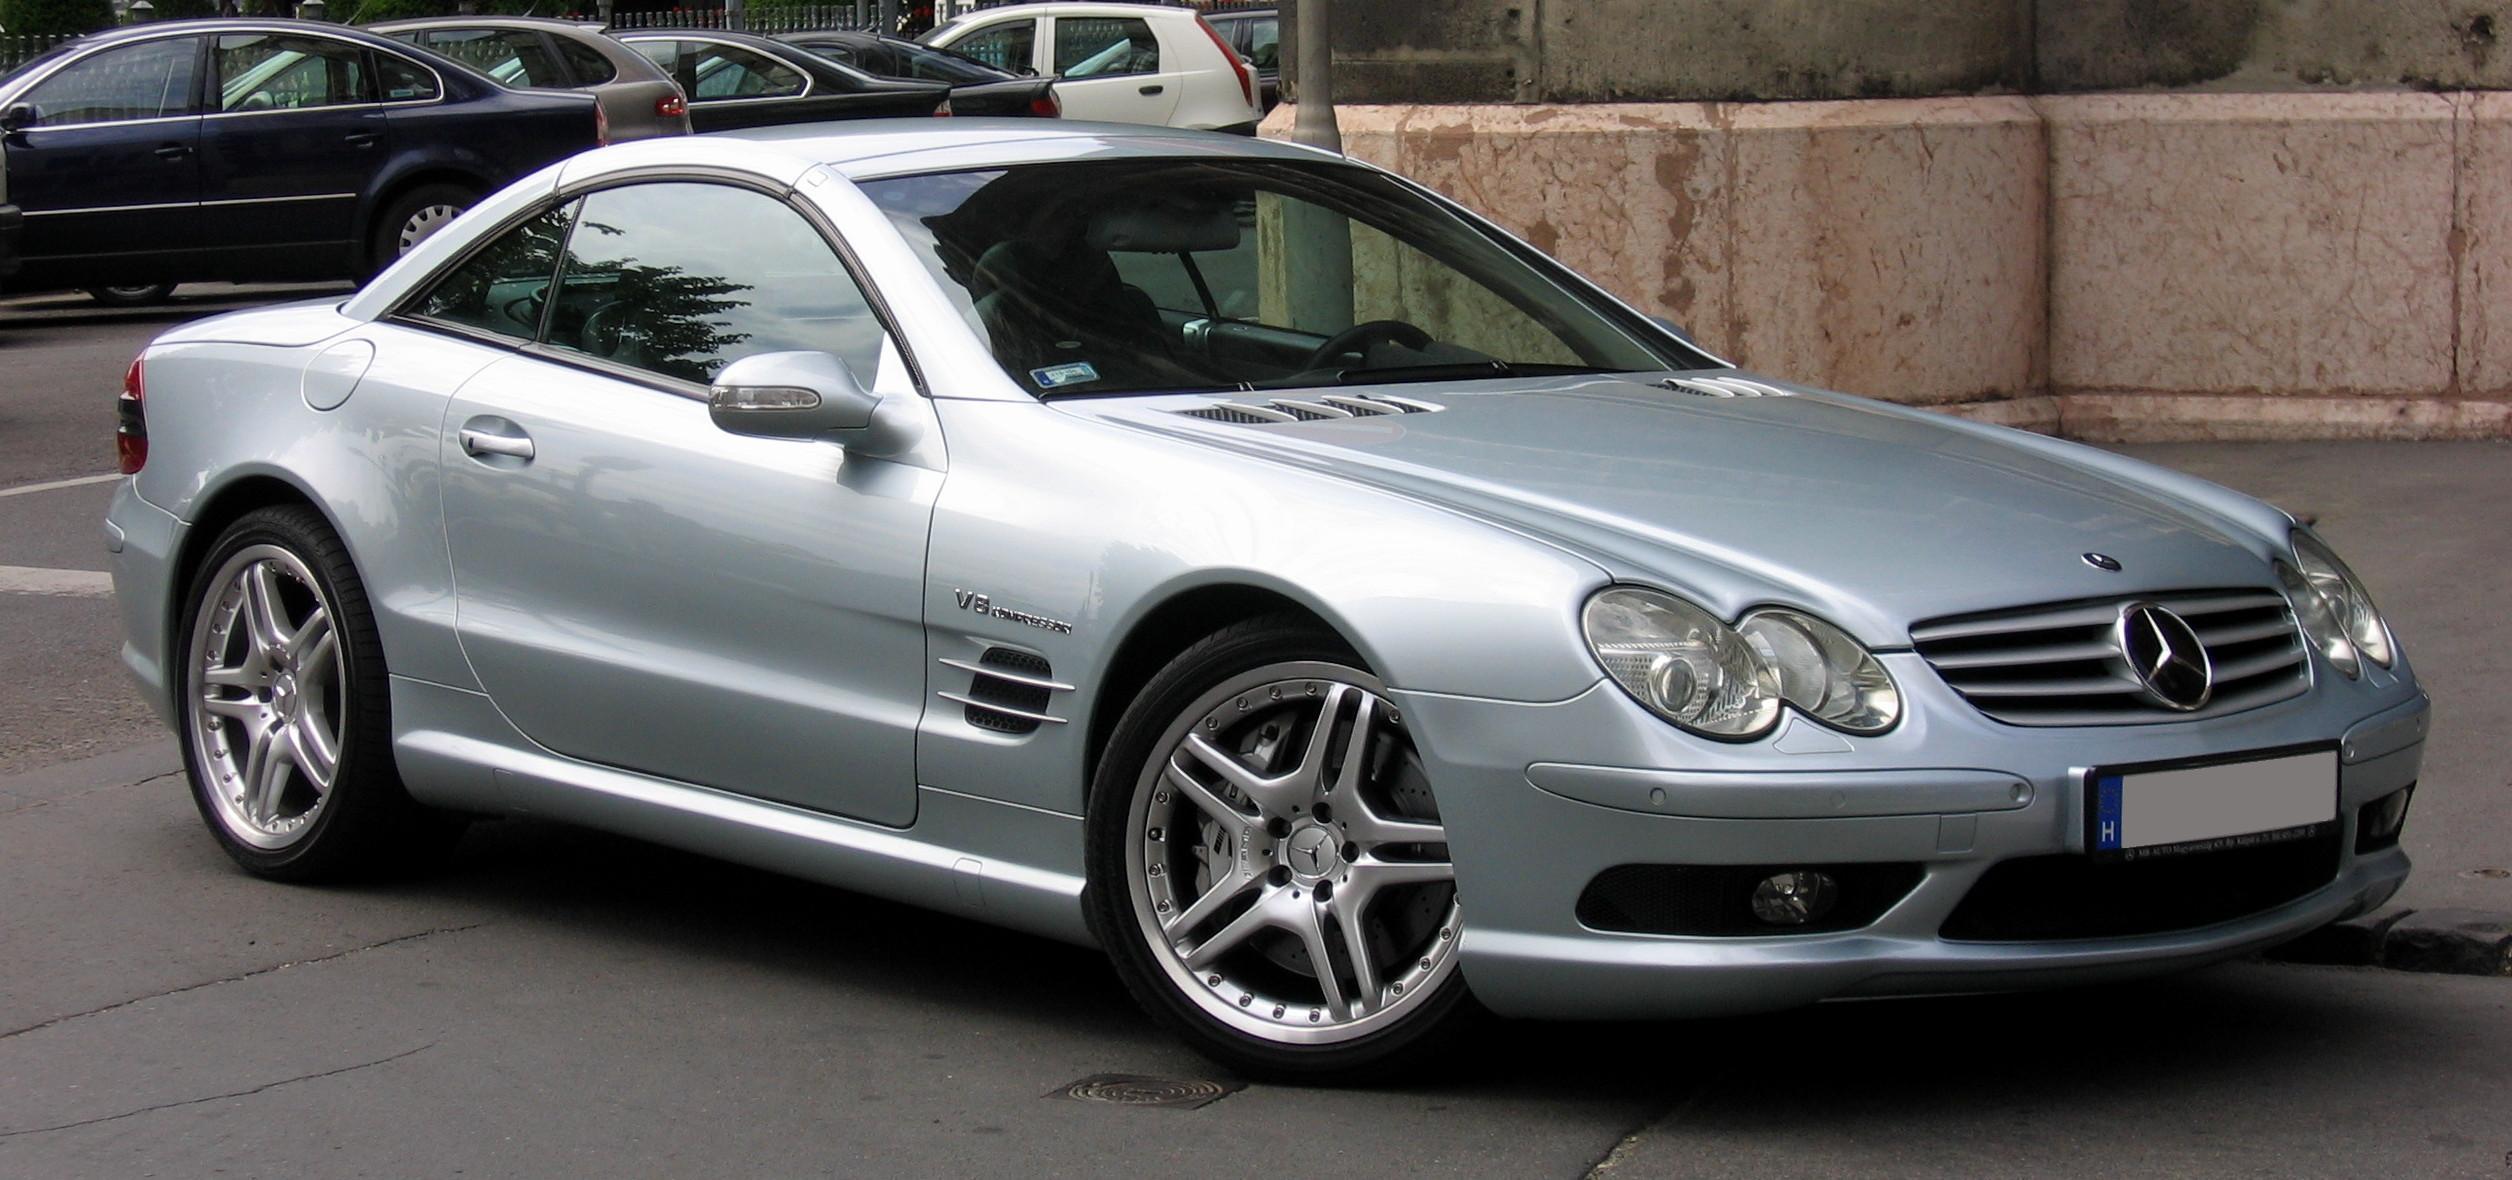 Mercedes Benz R230 – wolna encyklopedia